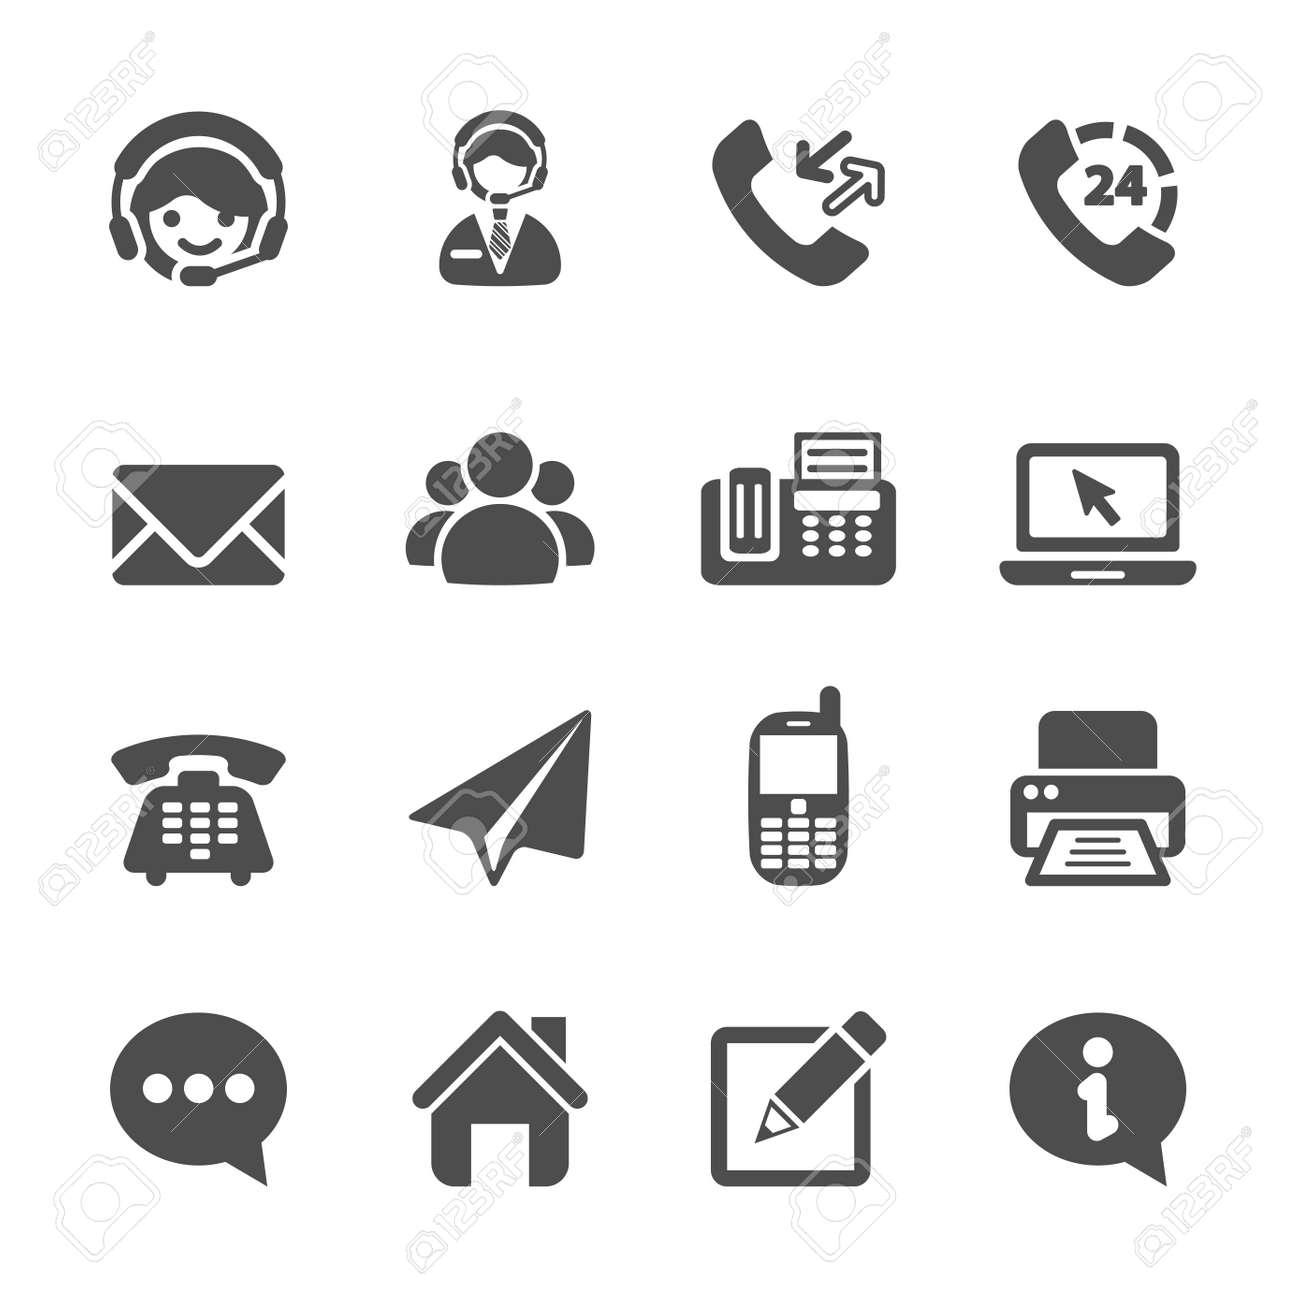 contact us icon set - 42262634